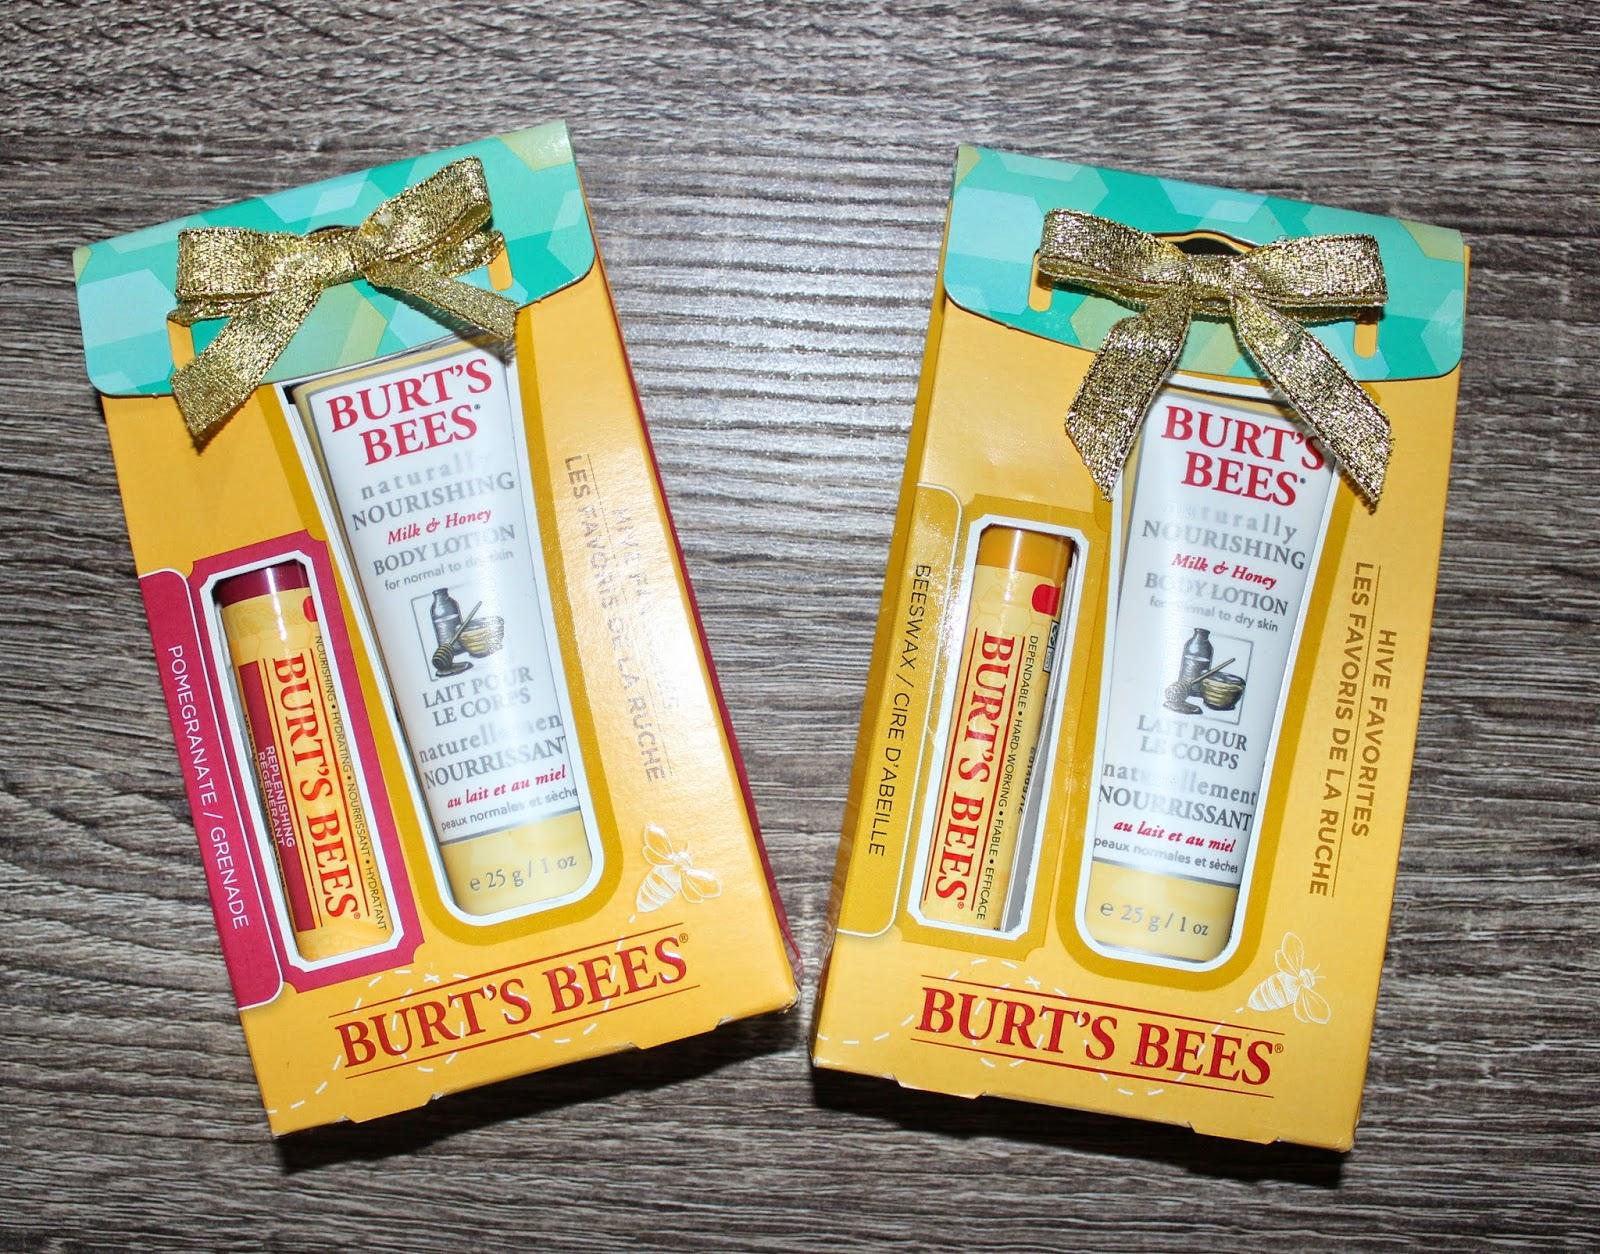 Burt's Bees Hive Favourites